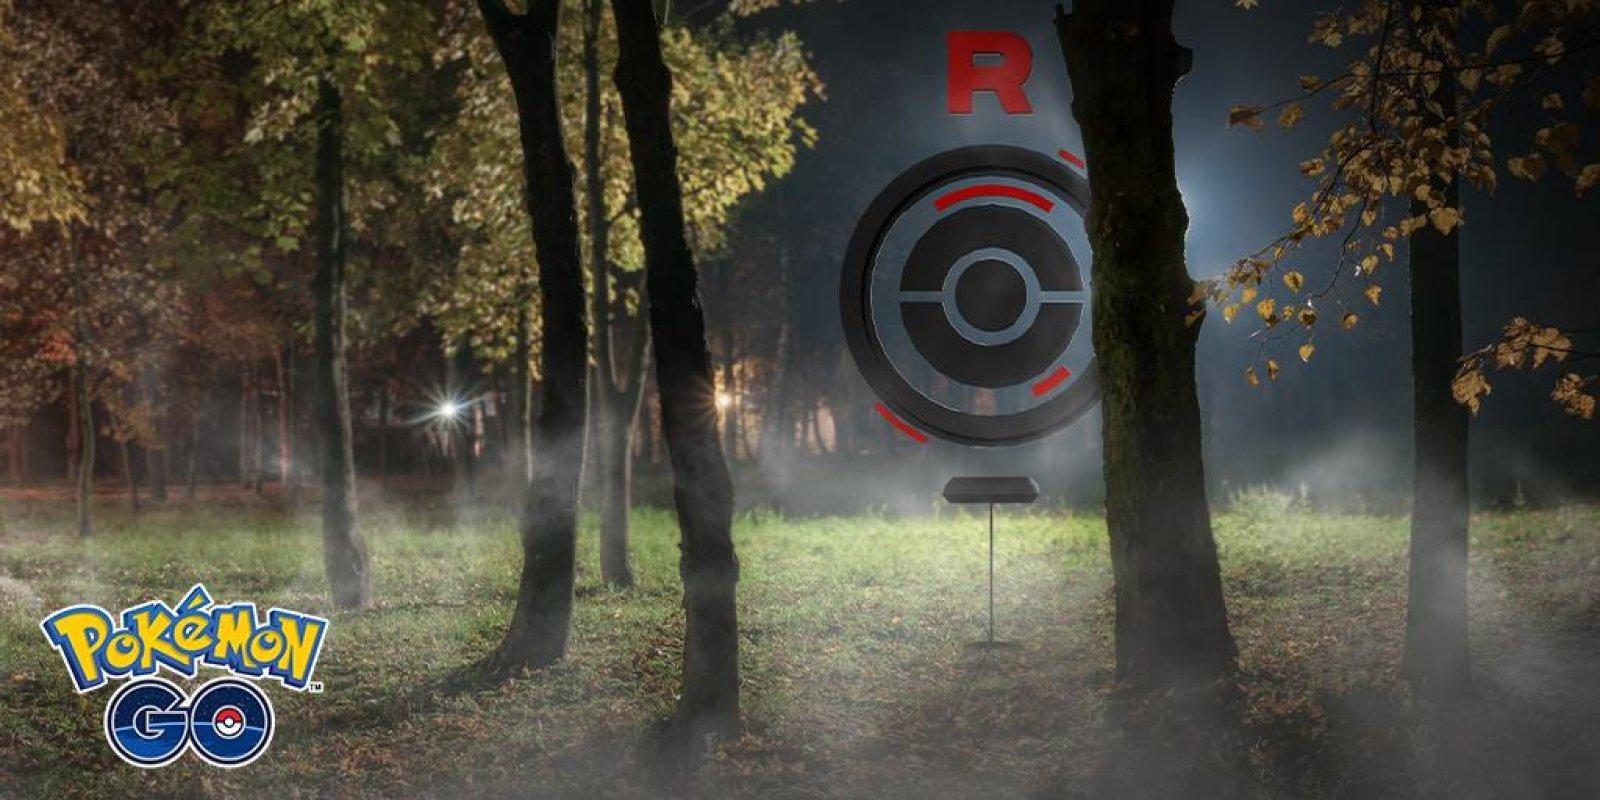 Pokemon  Go Team Rocket: Team Rocket Pokestop, invasión, lucha gruñona y premios 2